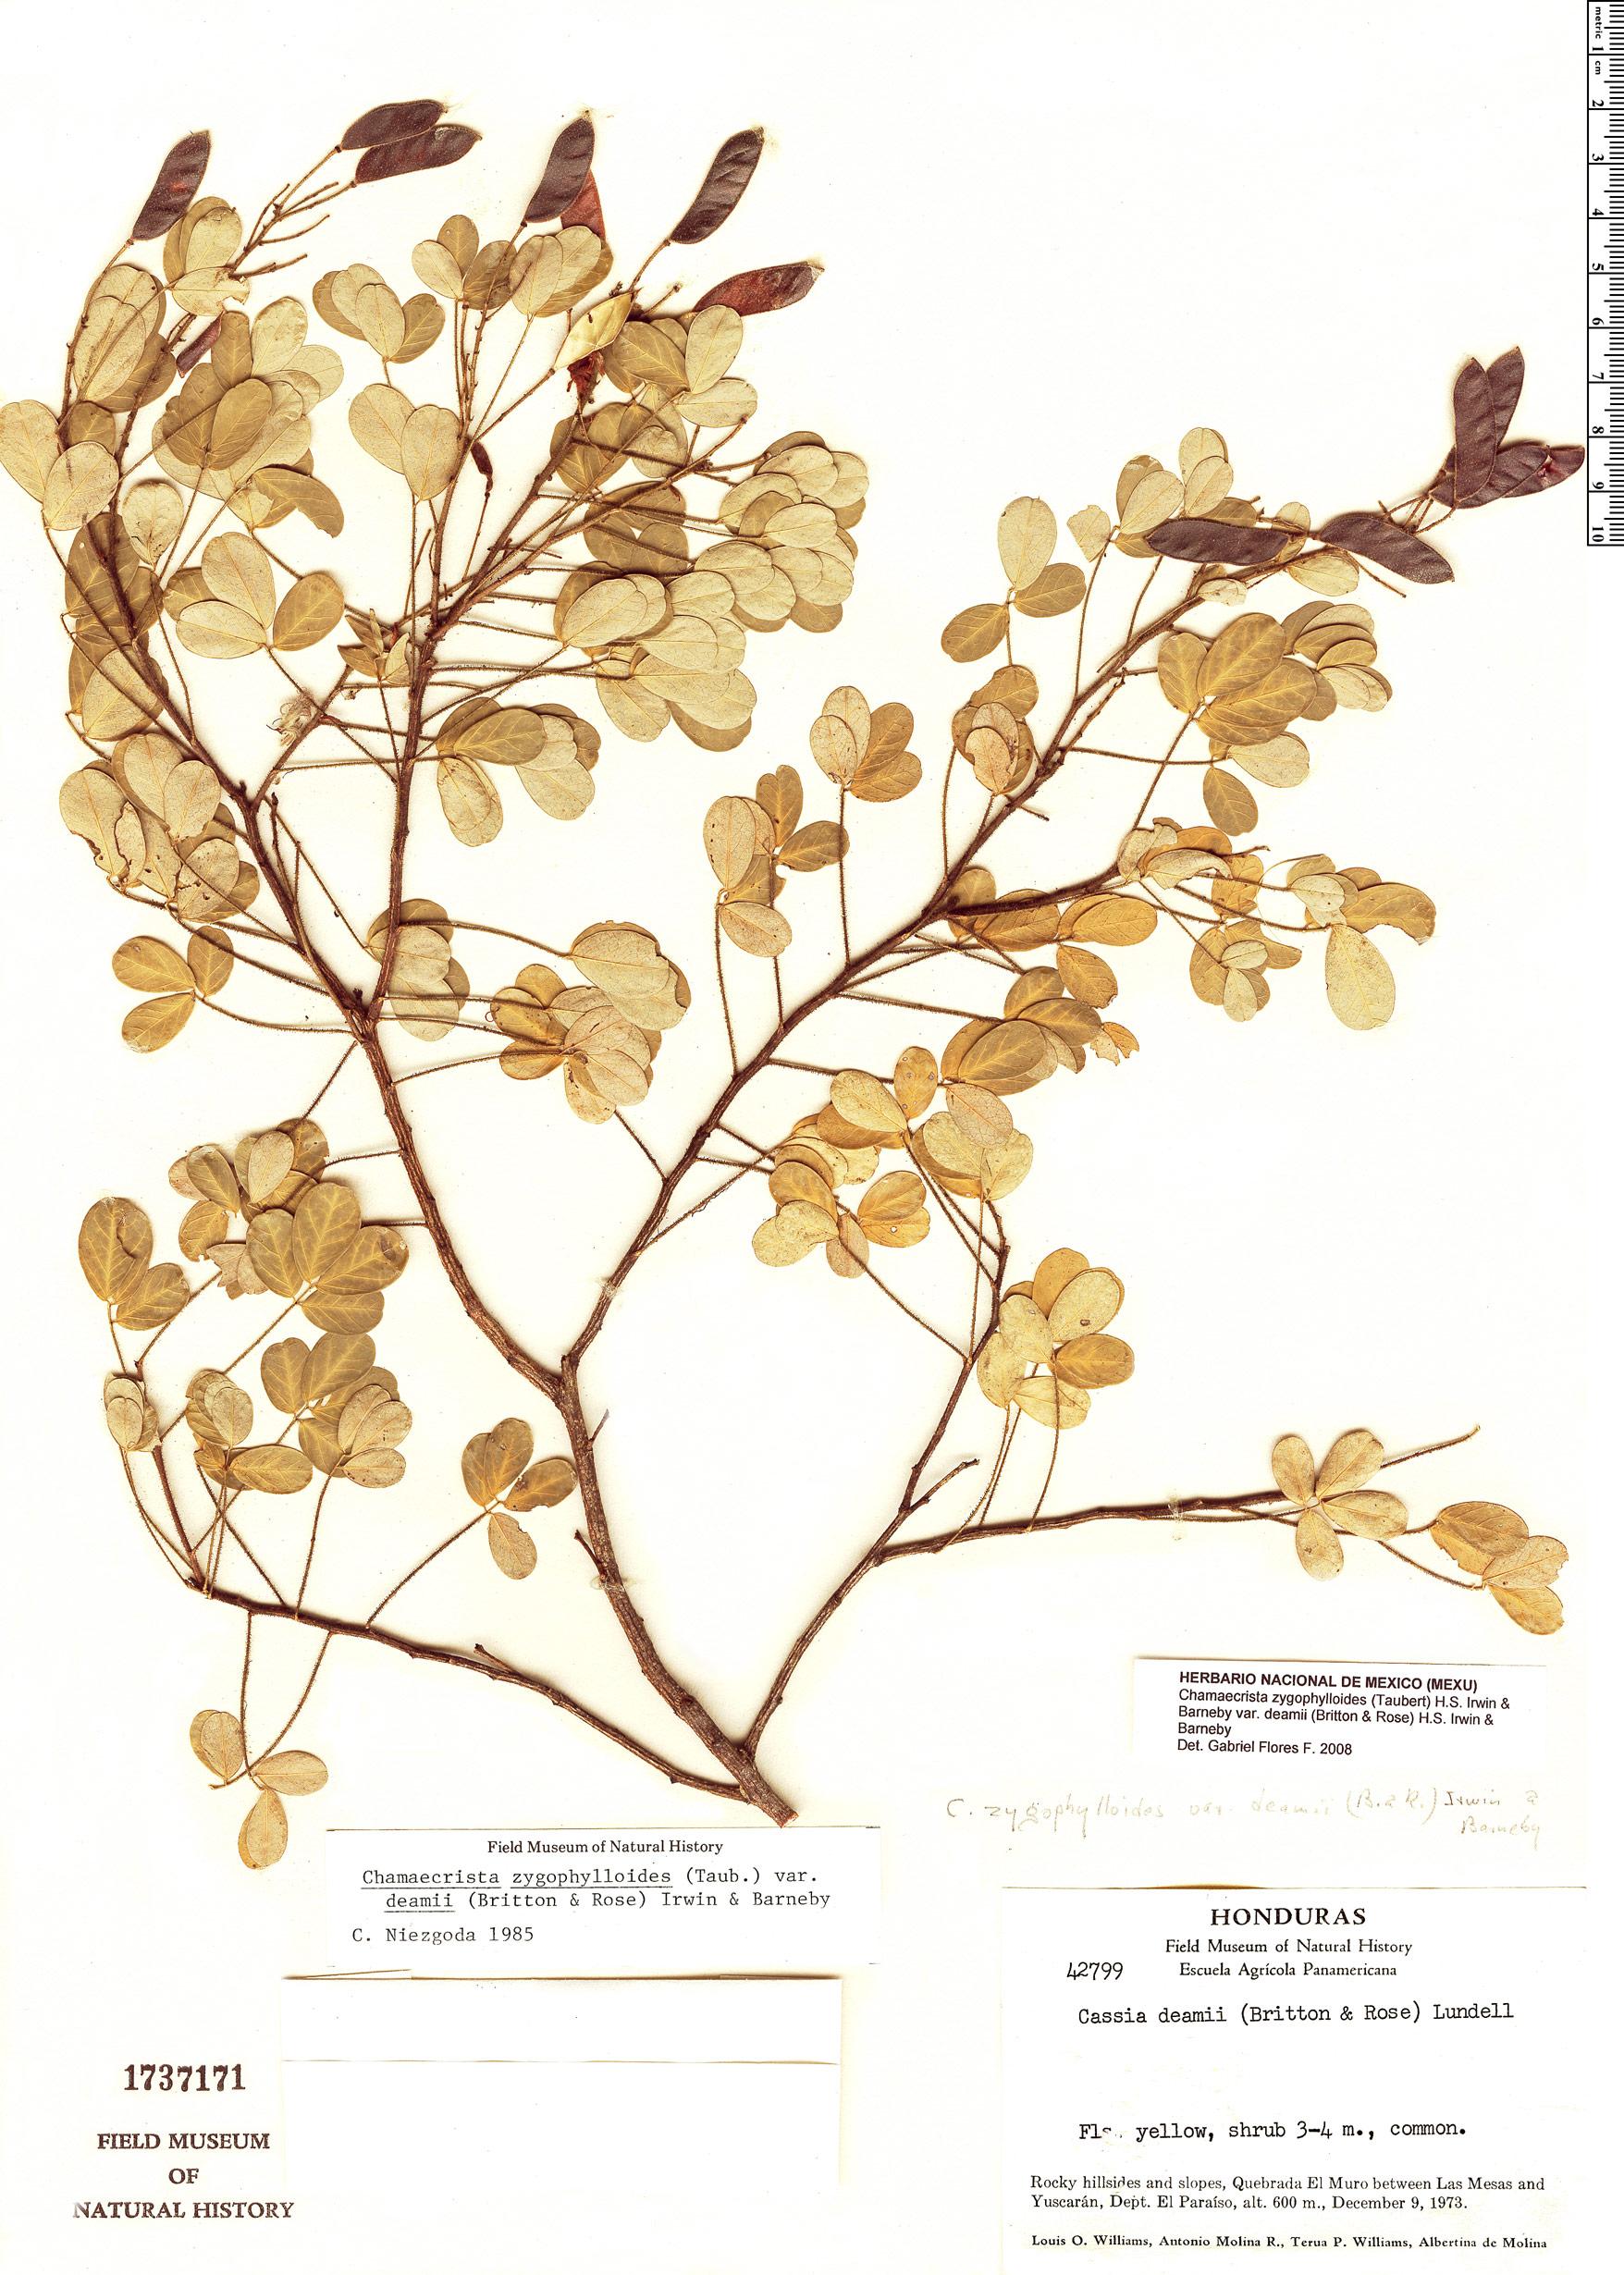 Specimen: Chamaecrista zygophylloides